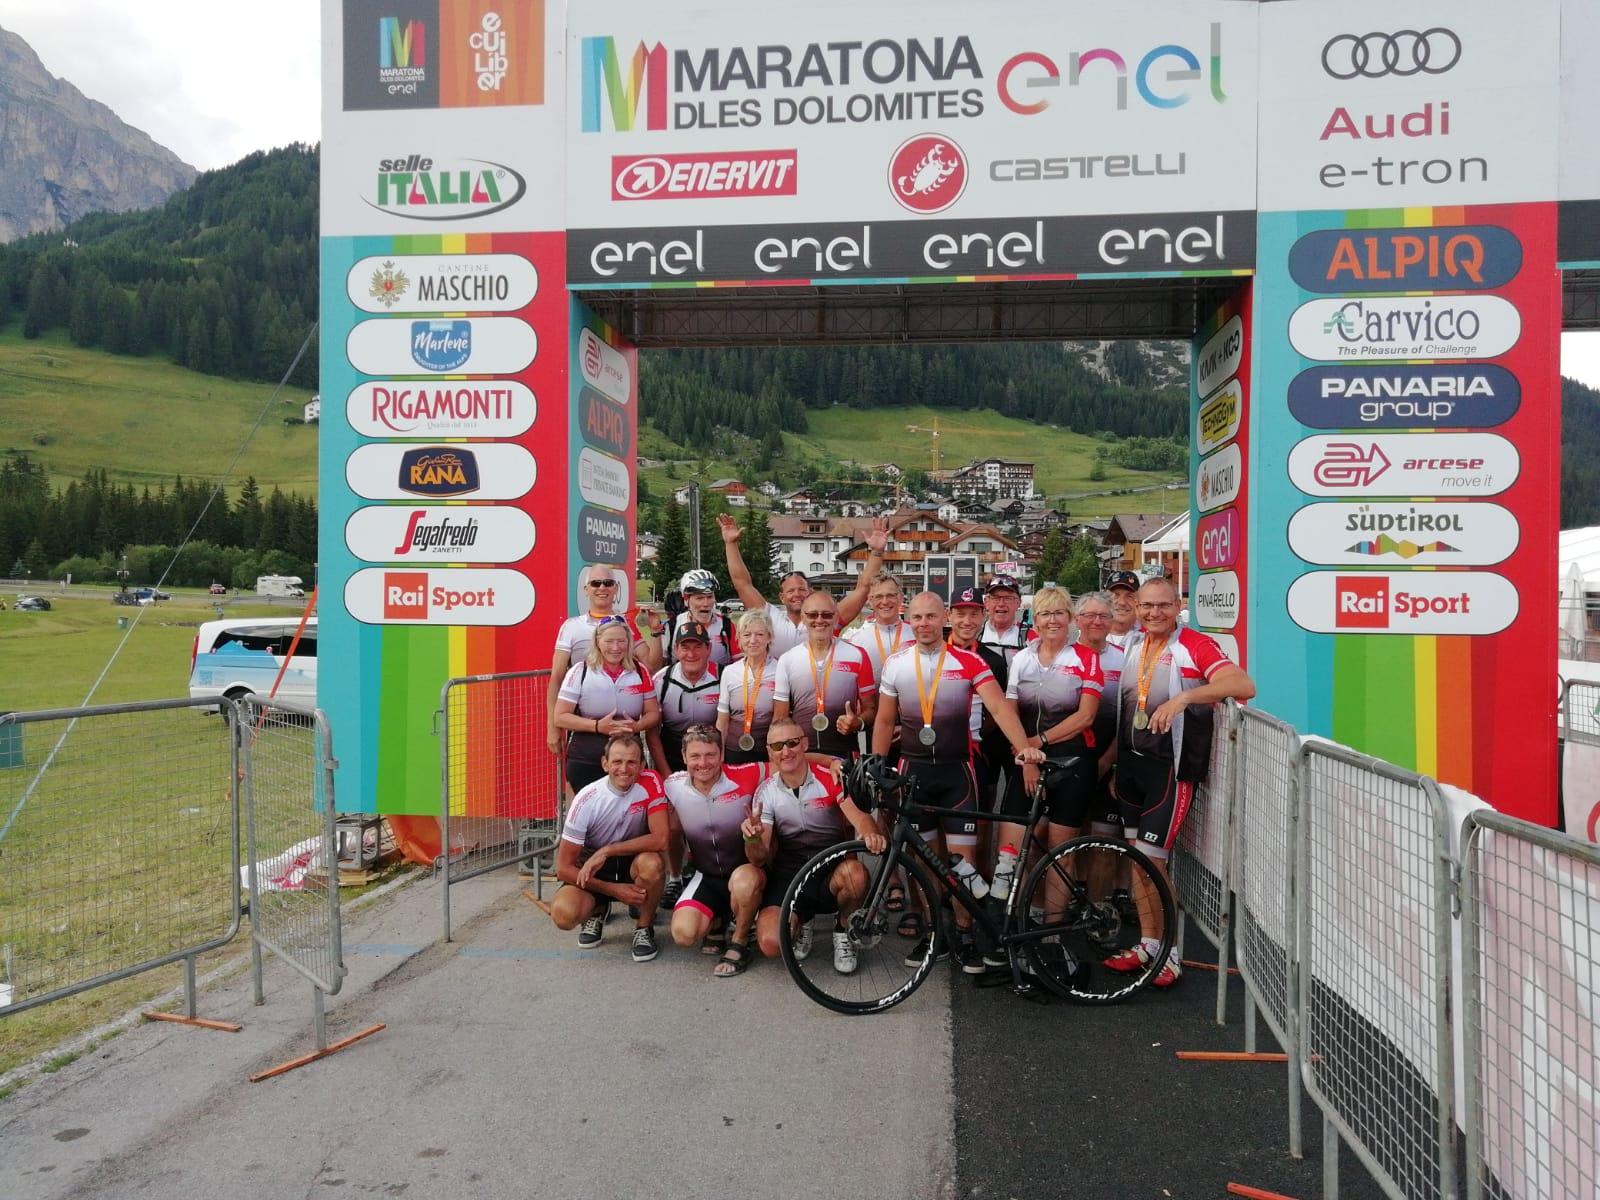 Marathona dles Dolomites